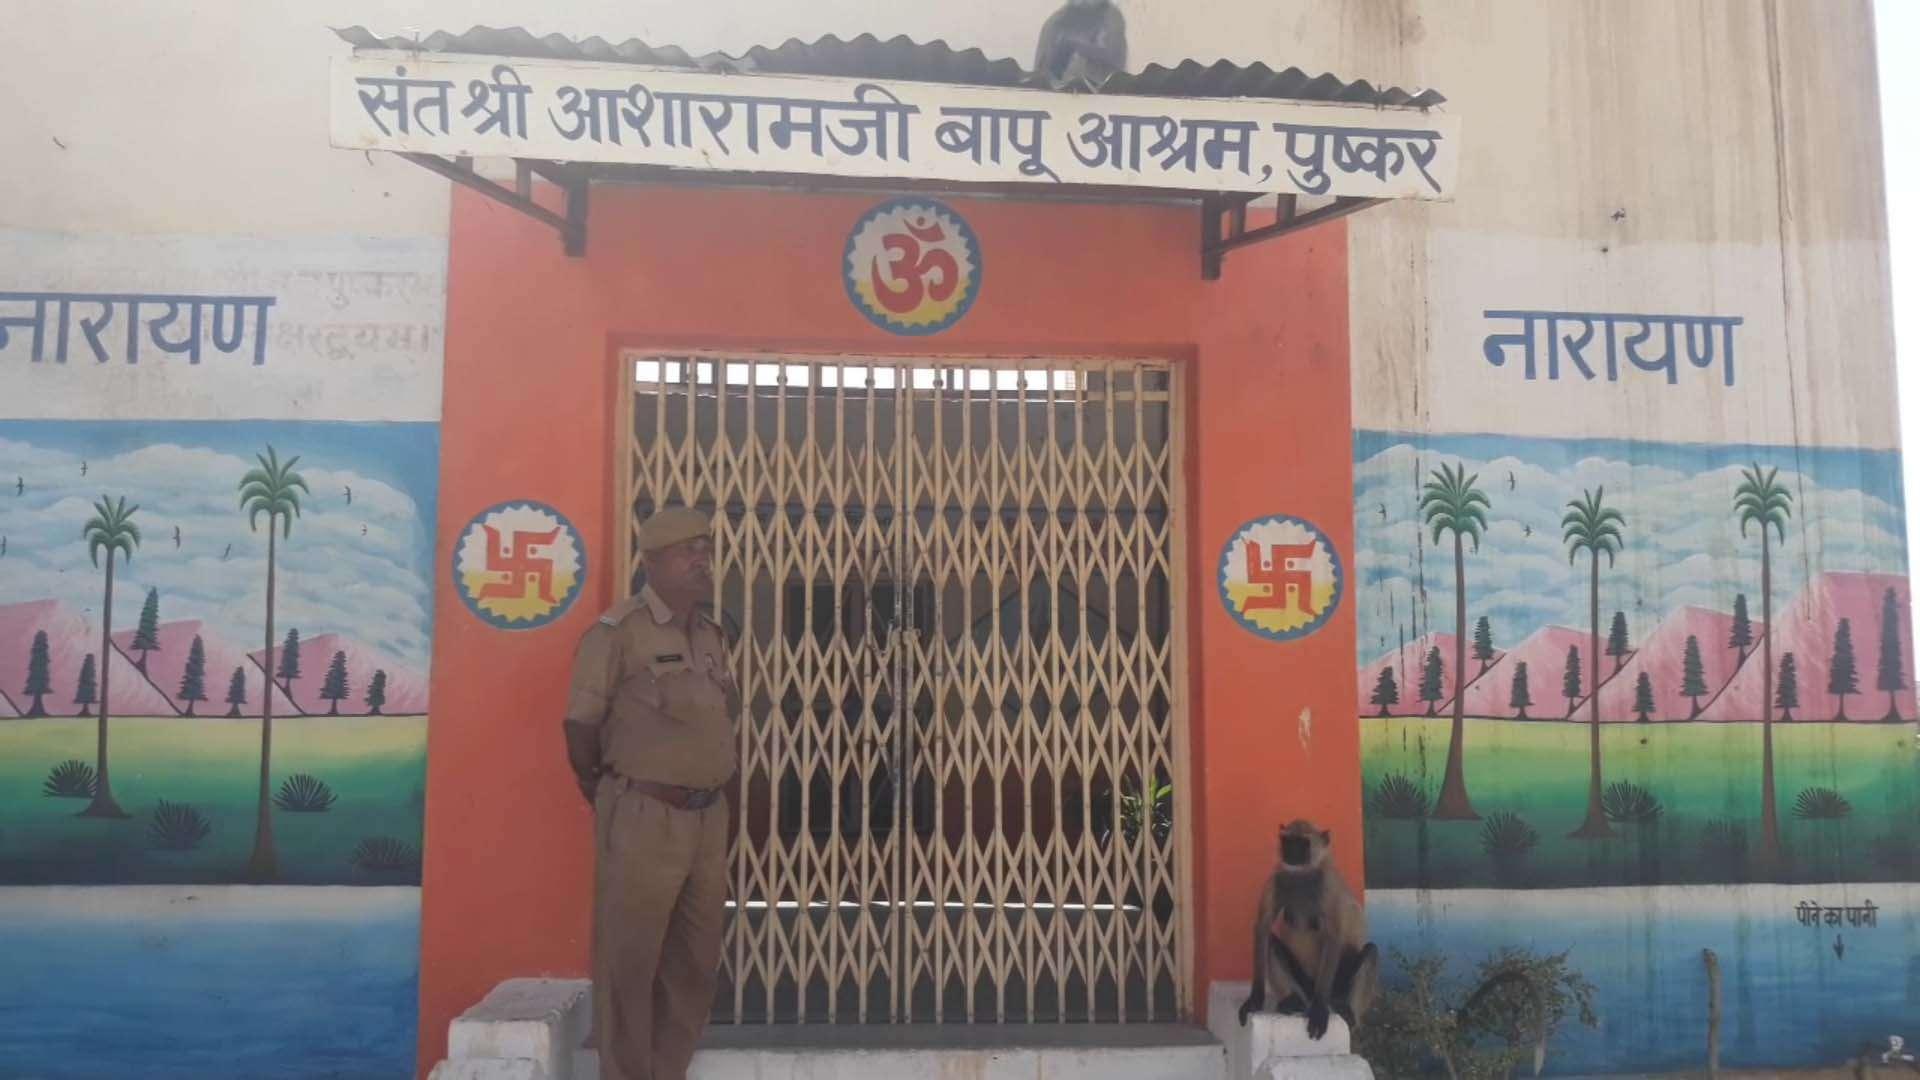 Asaram ashram closed in pushkar, his followers mourn now